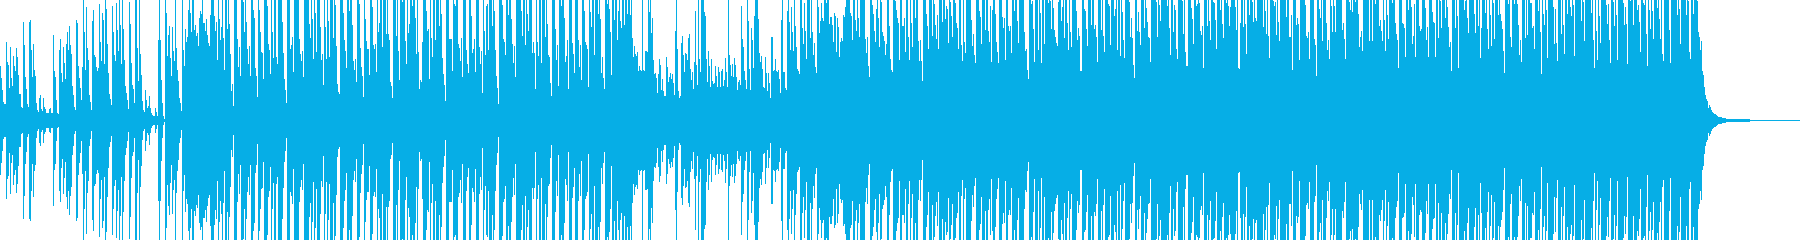 実験的 積極的 焦り テクノロジー...の再生済みの波形